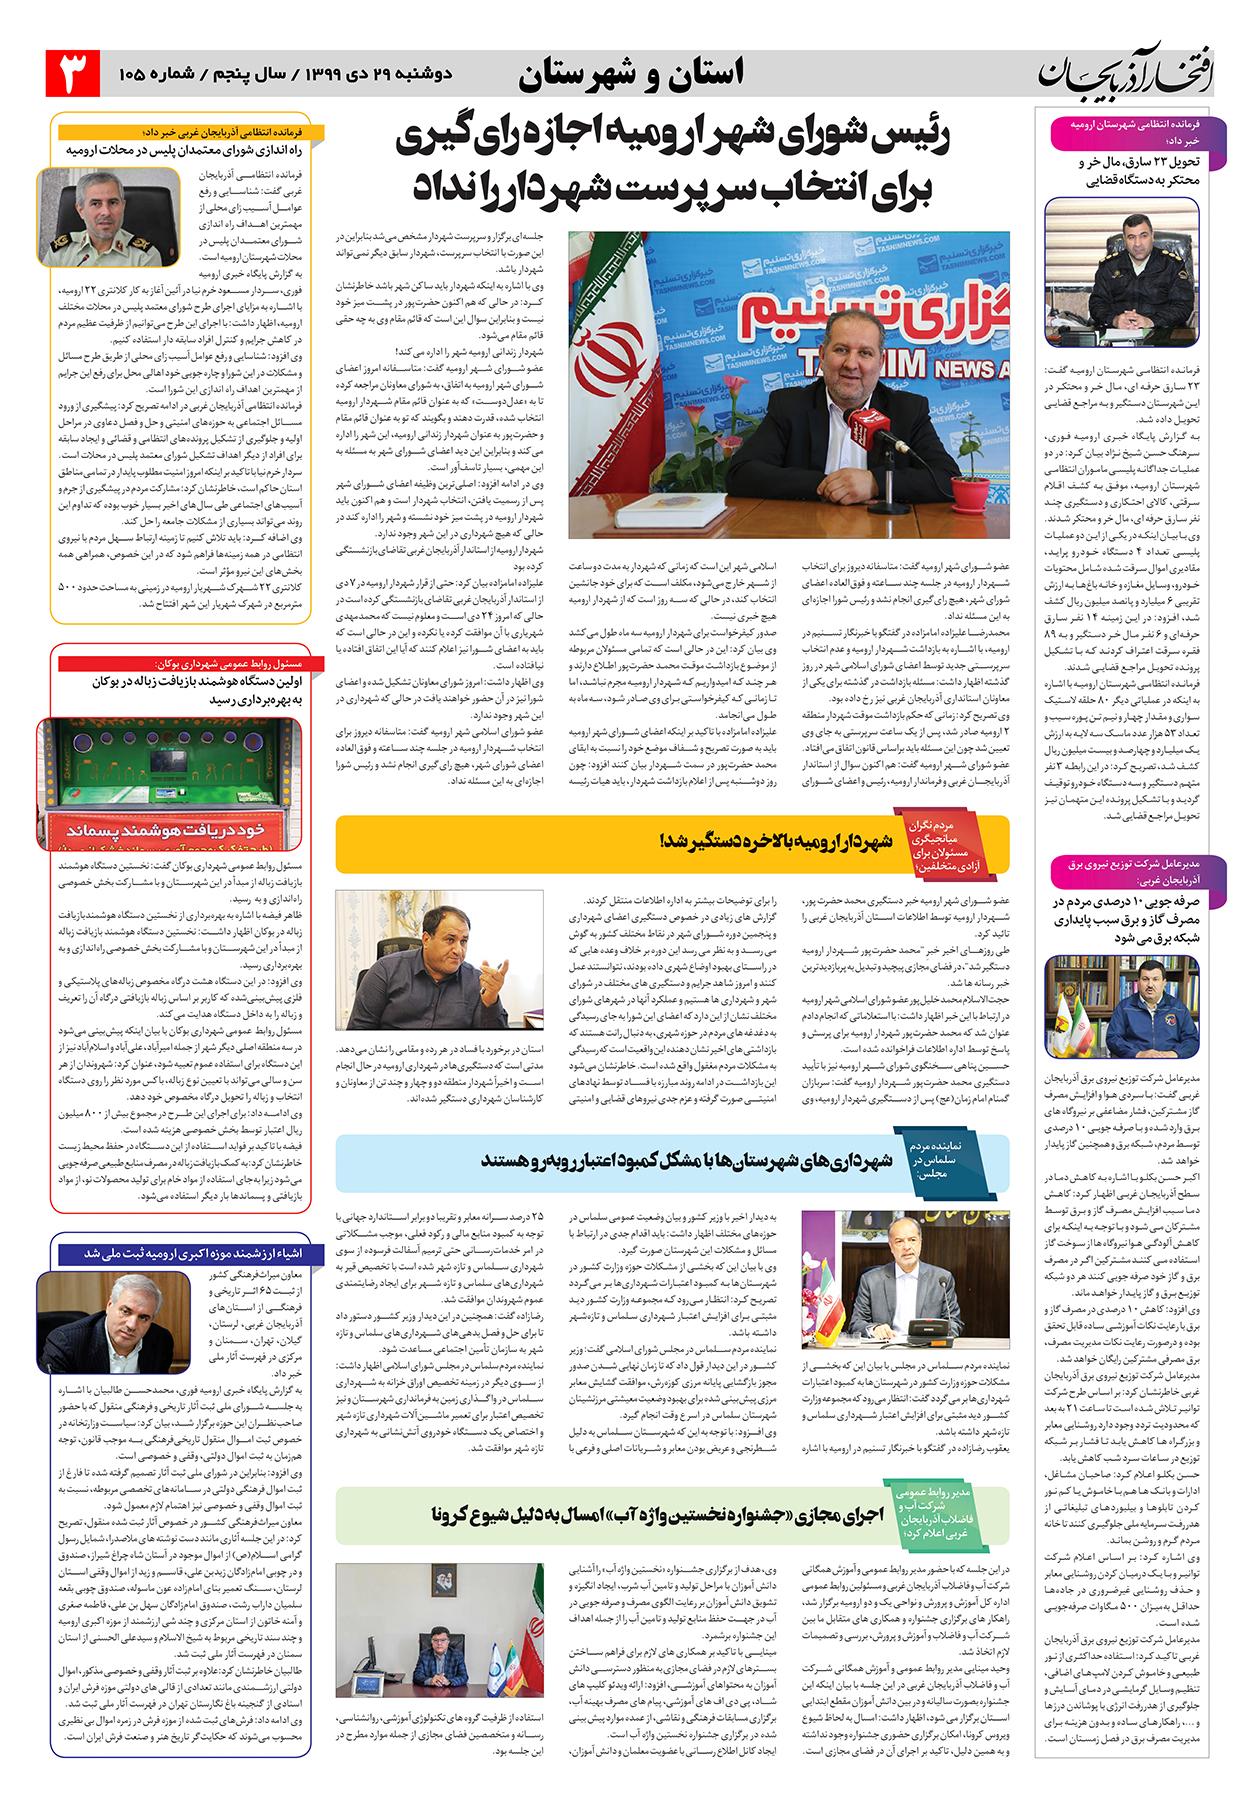 صفحه سوم هفته نامه افتخار آذربایجان شماره 105